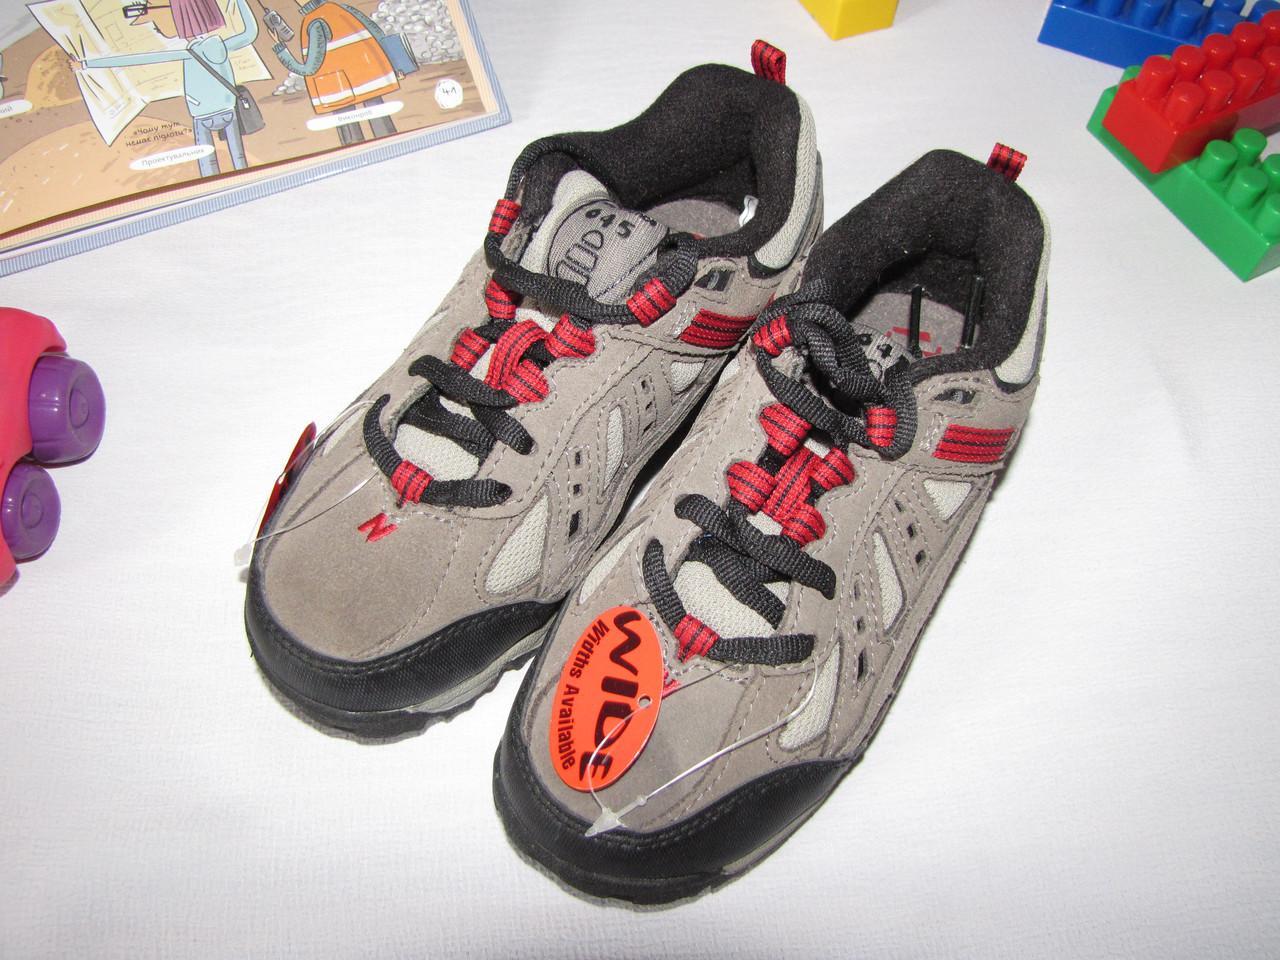 Кроссовки для мальчика осенние New Balance оригинал размер 30 серые 08017